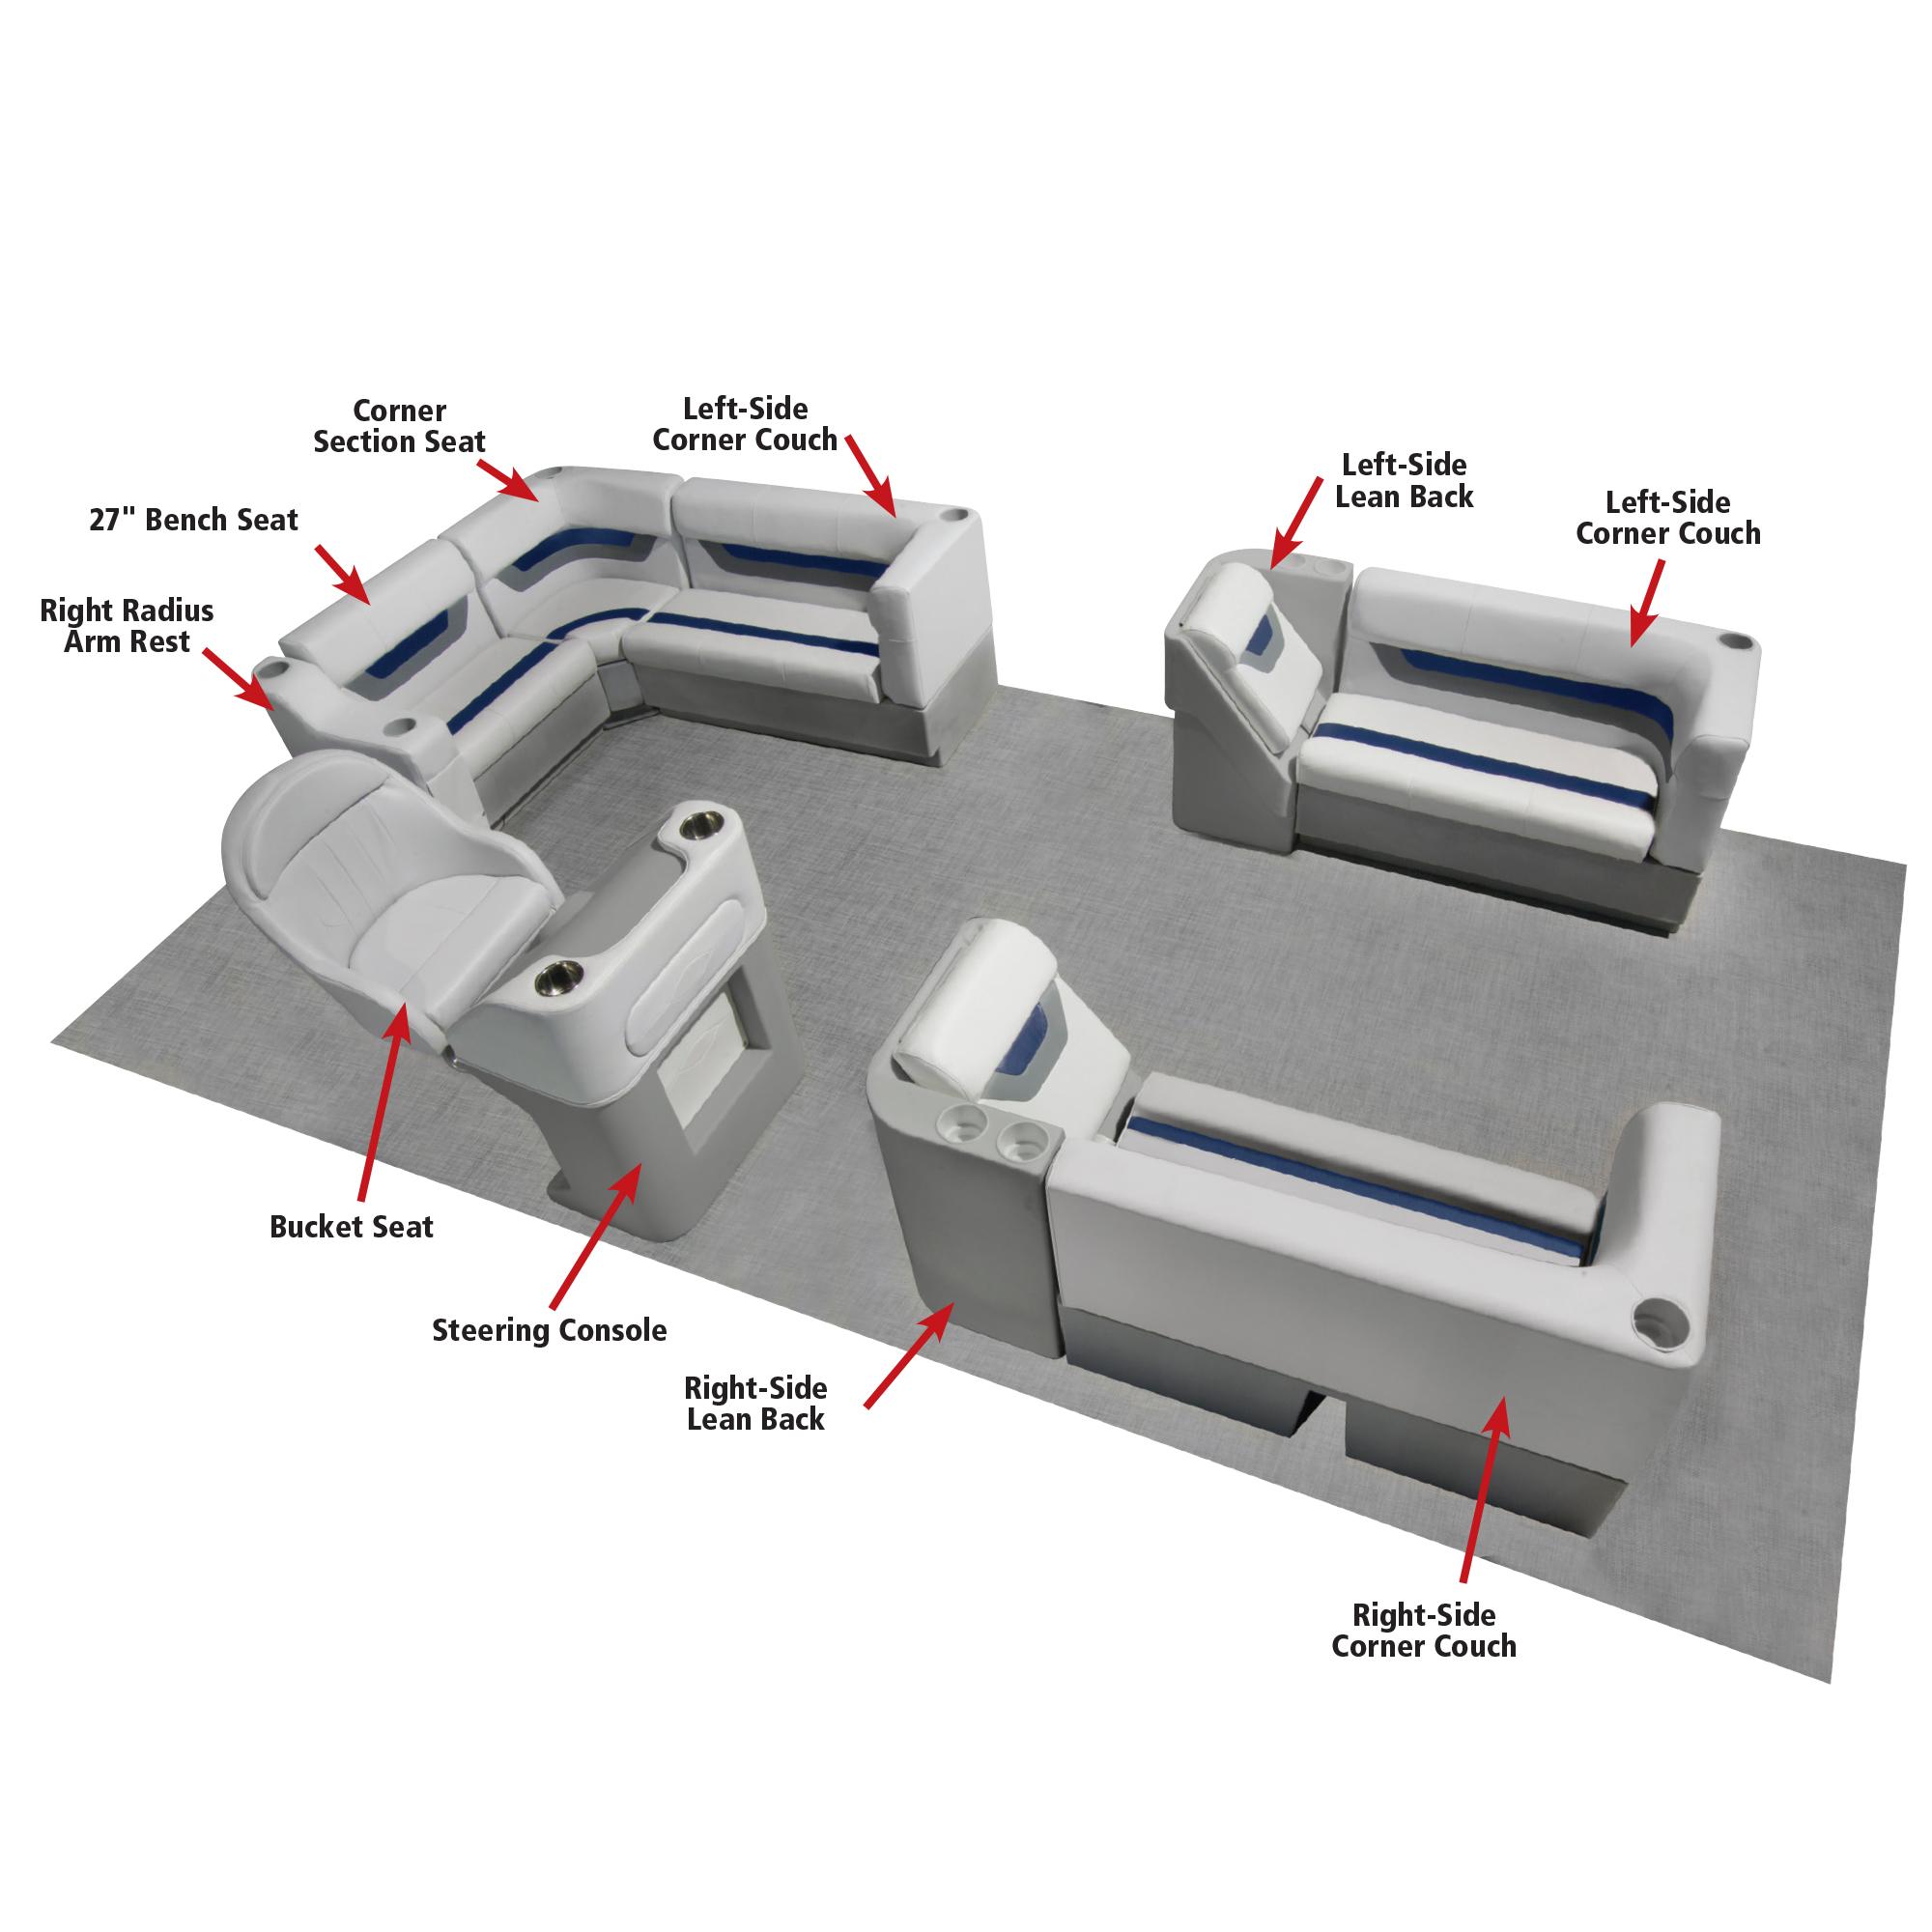 Toonmate Designer Pontoon Left-Side Corner Couch, Sky Gray